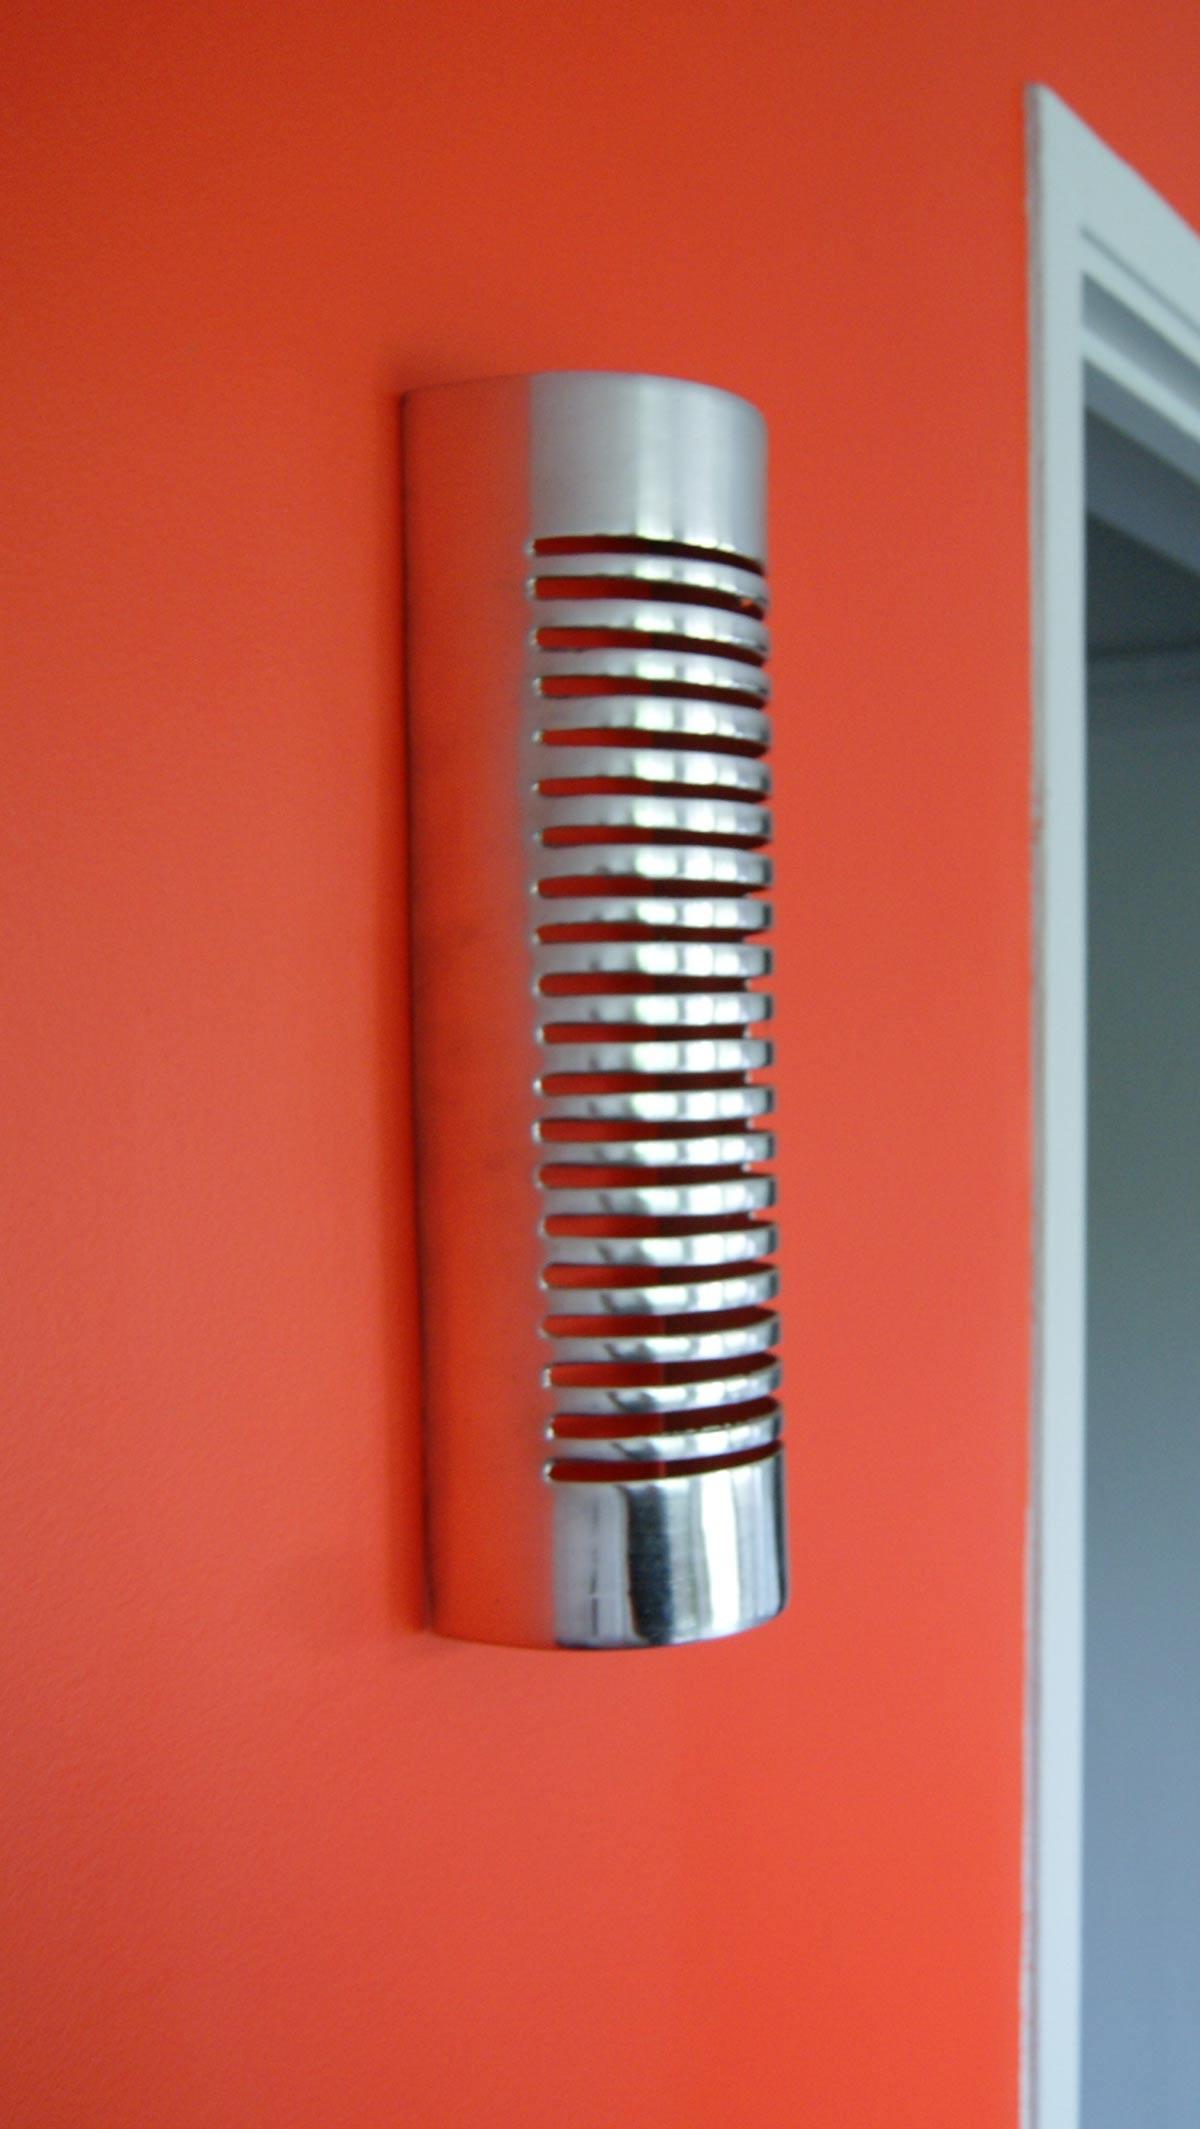 Applique murale en aluminium design ronde 38 x 12 cm for Applique murale exterieure ronde